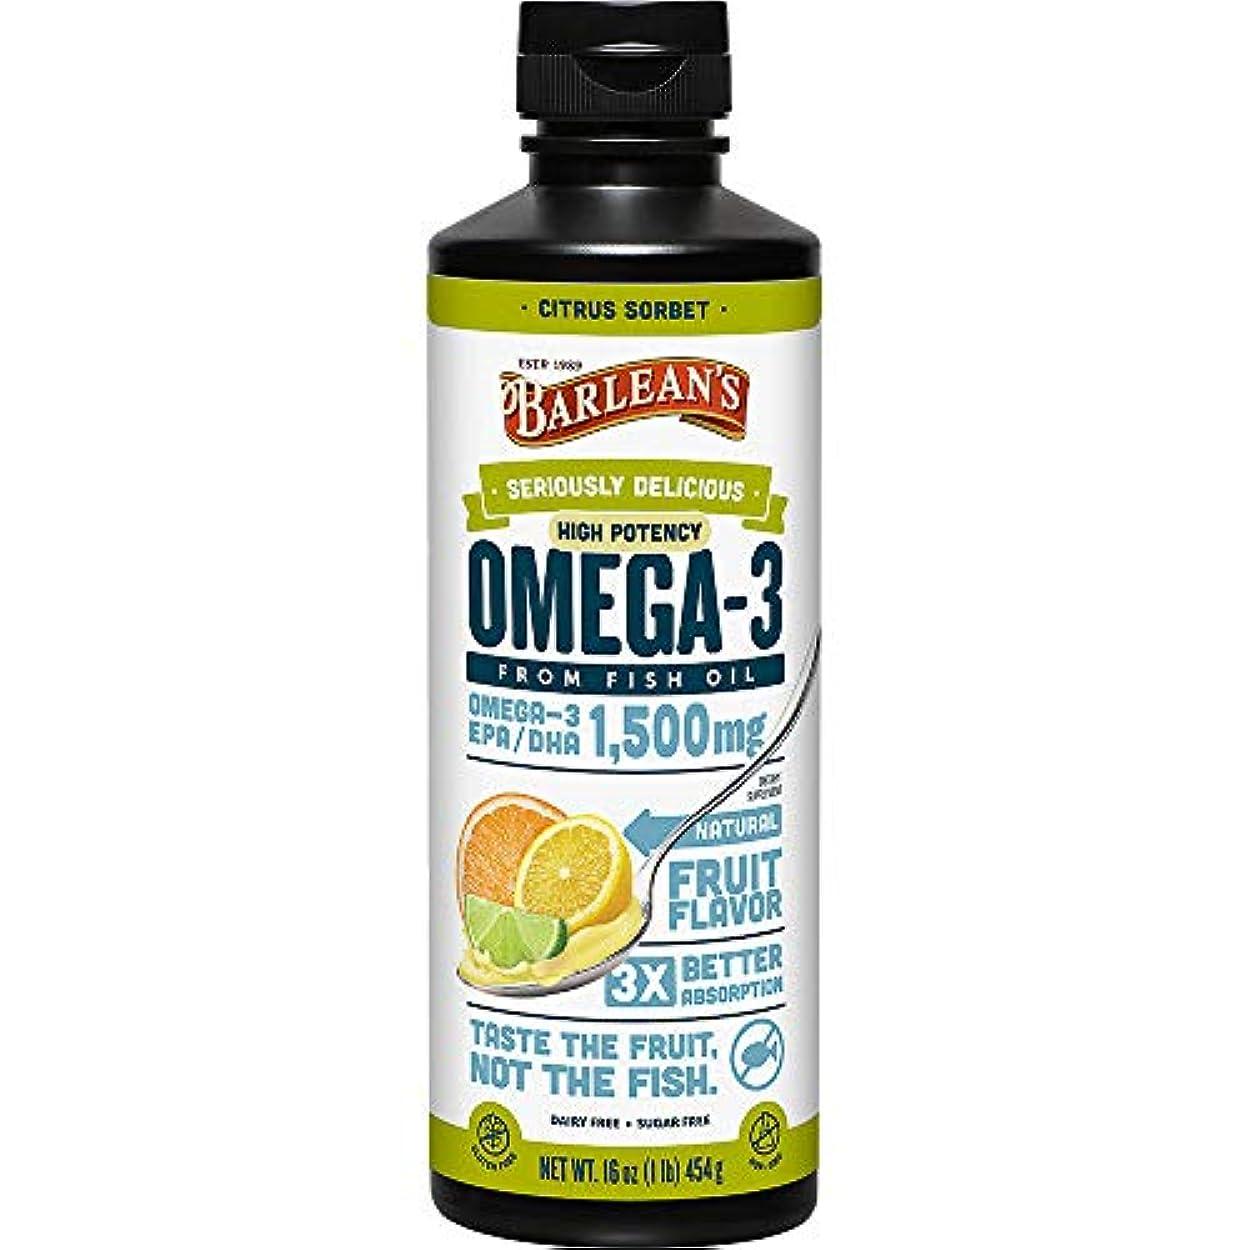 ベッツィトロットウッドフォルダファイターOmega Swirl, Ultra High Potency Fish Oil, Citrus Sorbet - Barlean's - UK Seller by Barlean's